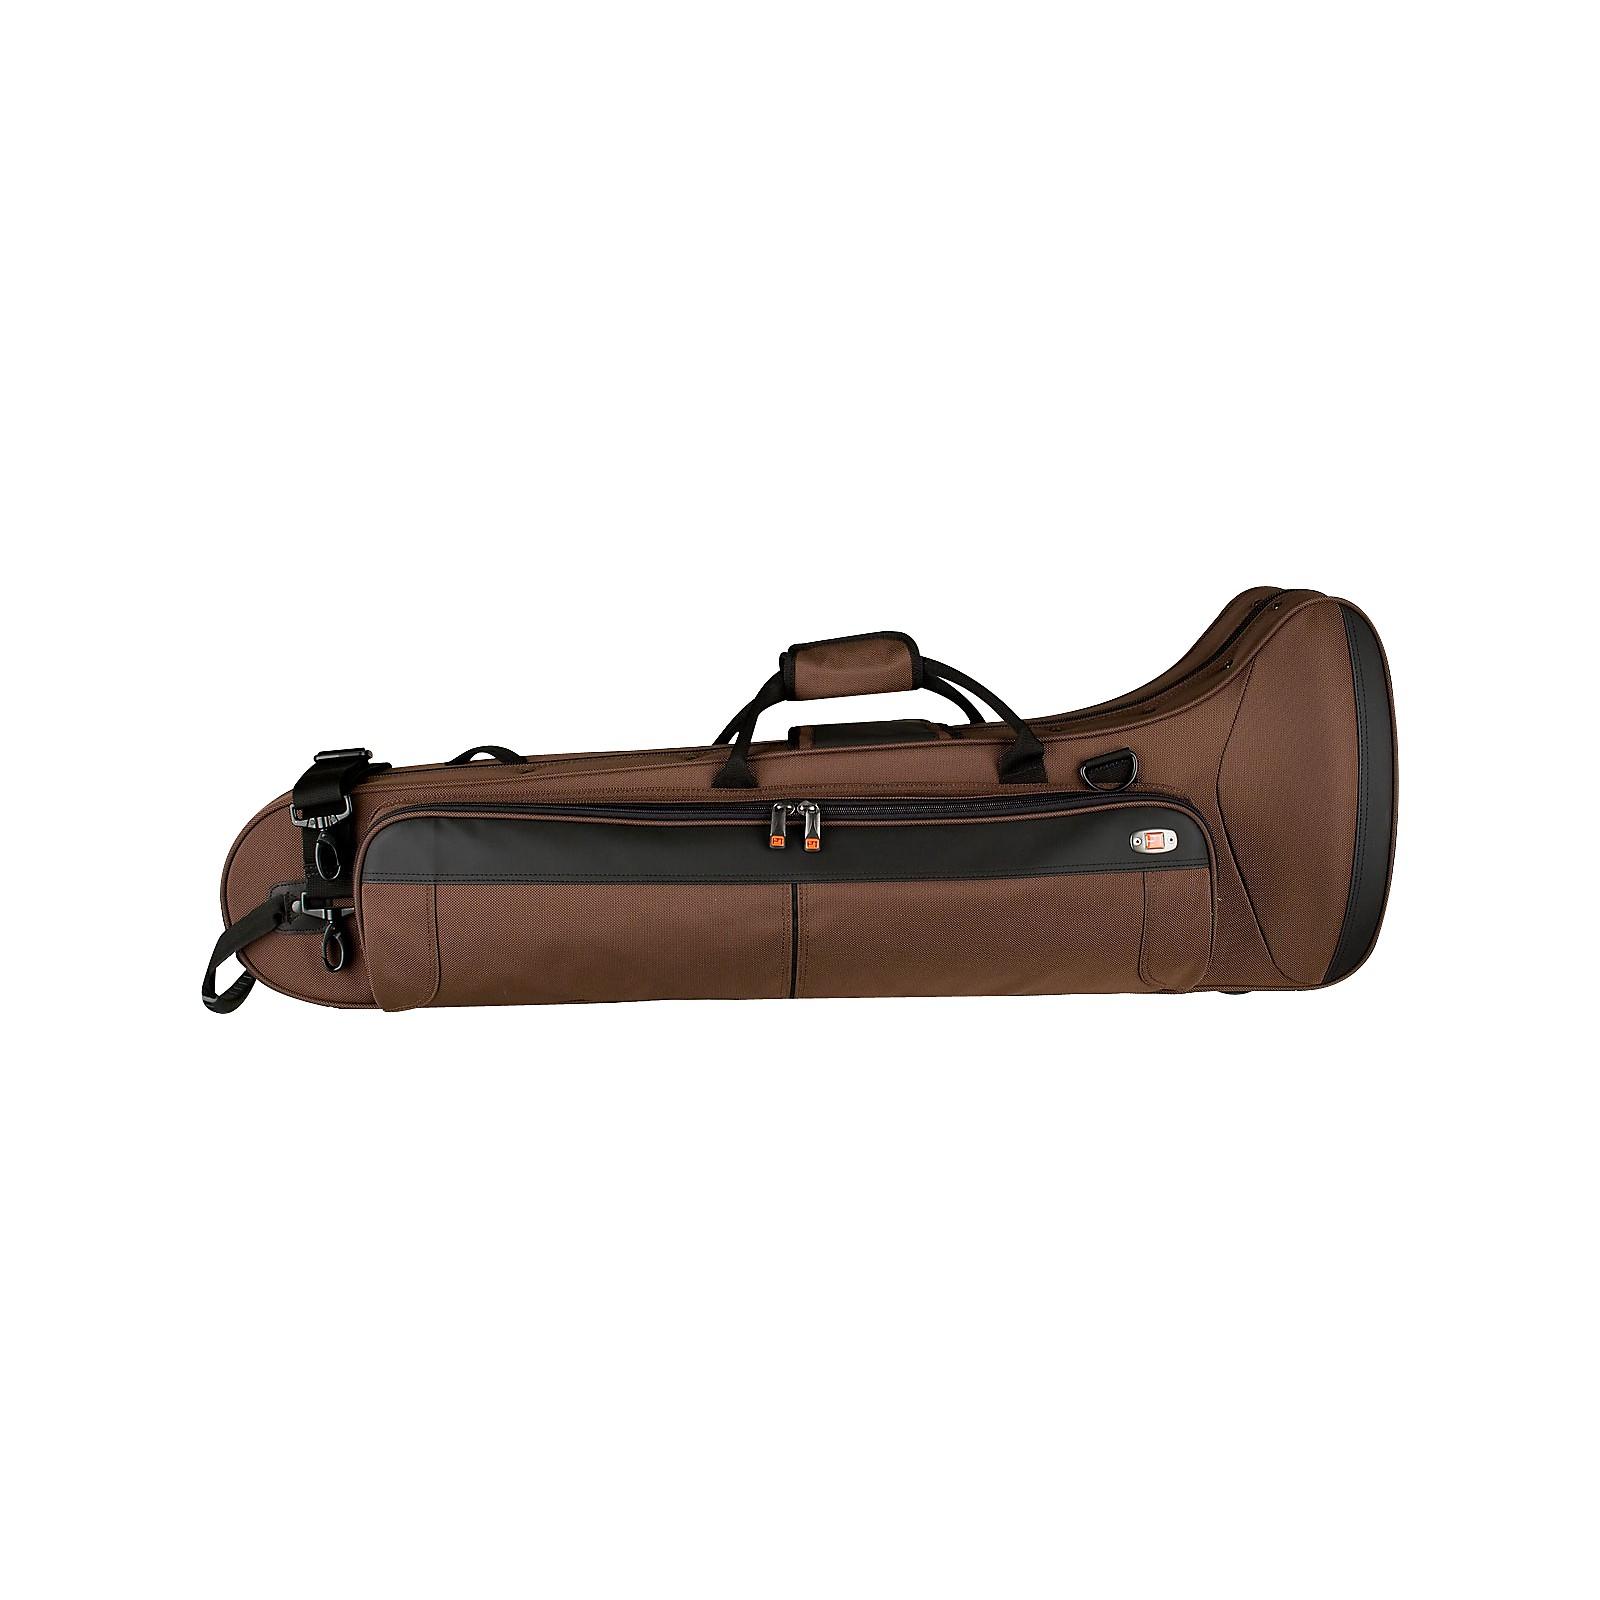 Protec PB306CTCH Contoured Straight/F Attachment Tenor Trombone PRO PAC Case